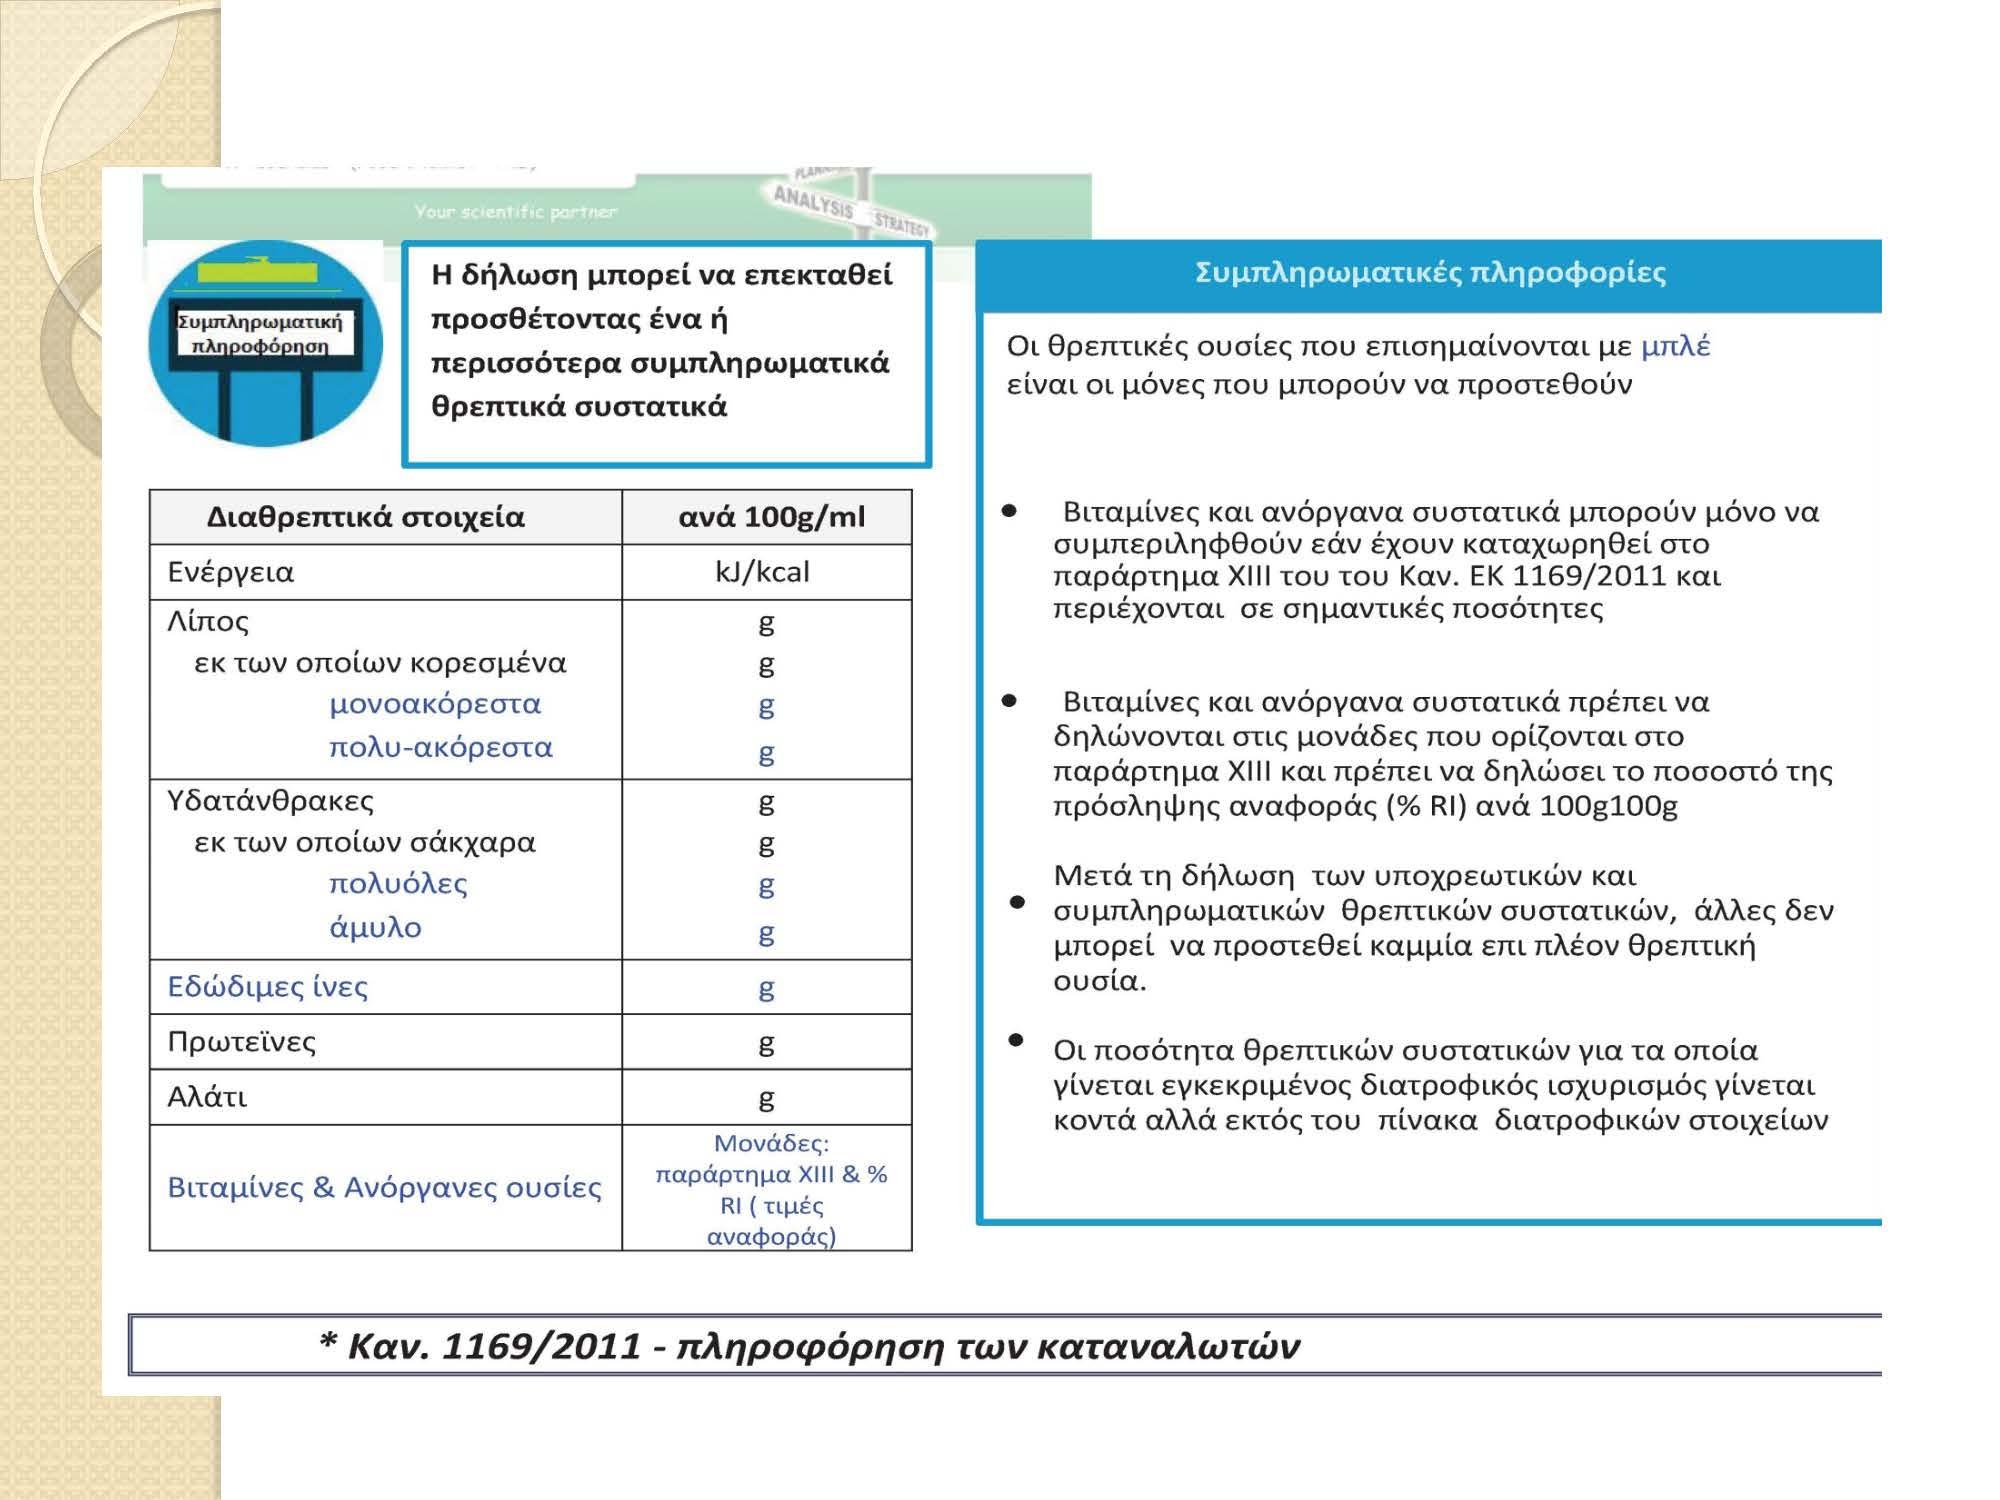 Διατροφική επισήμανση  στα προσυσκευασμένα τρόφιμα_Page_04